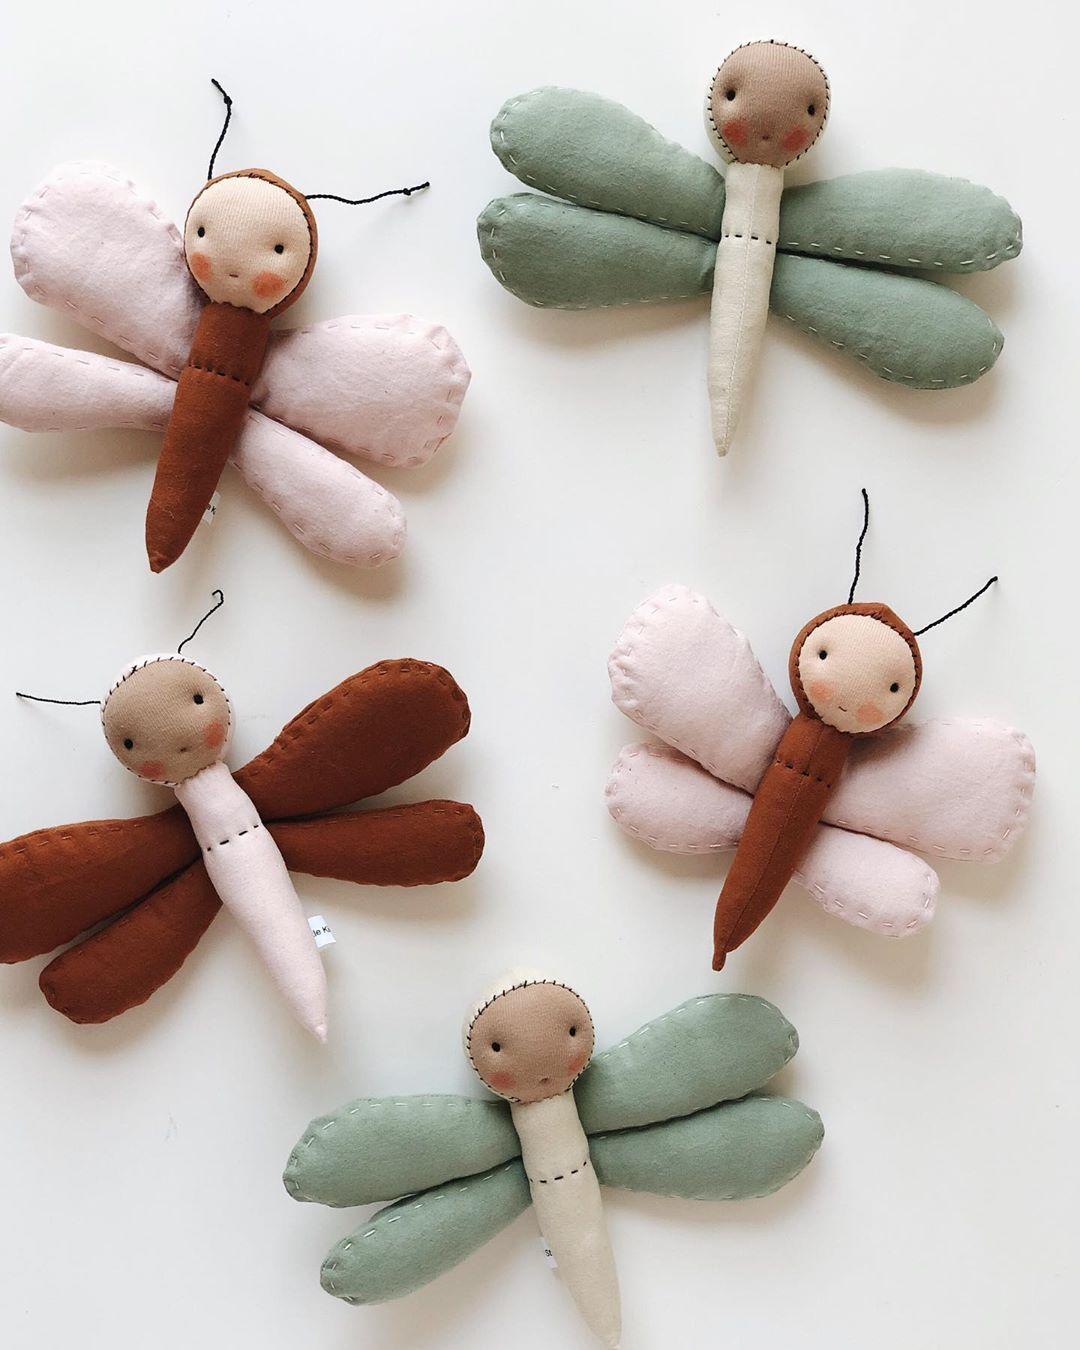 18+ ideas de Muñecas   muñecas, muñecas de trapo, muñecas tildas